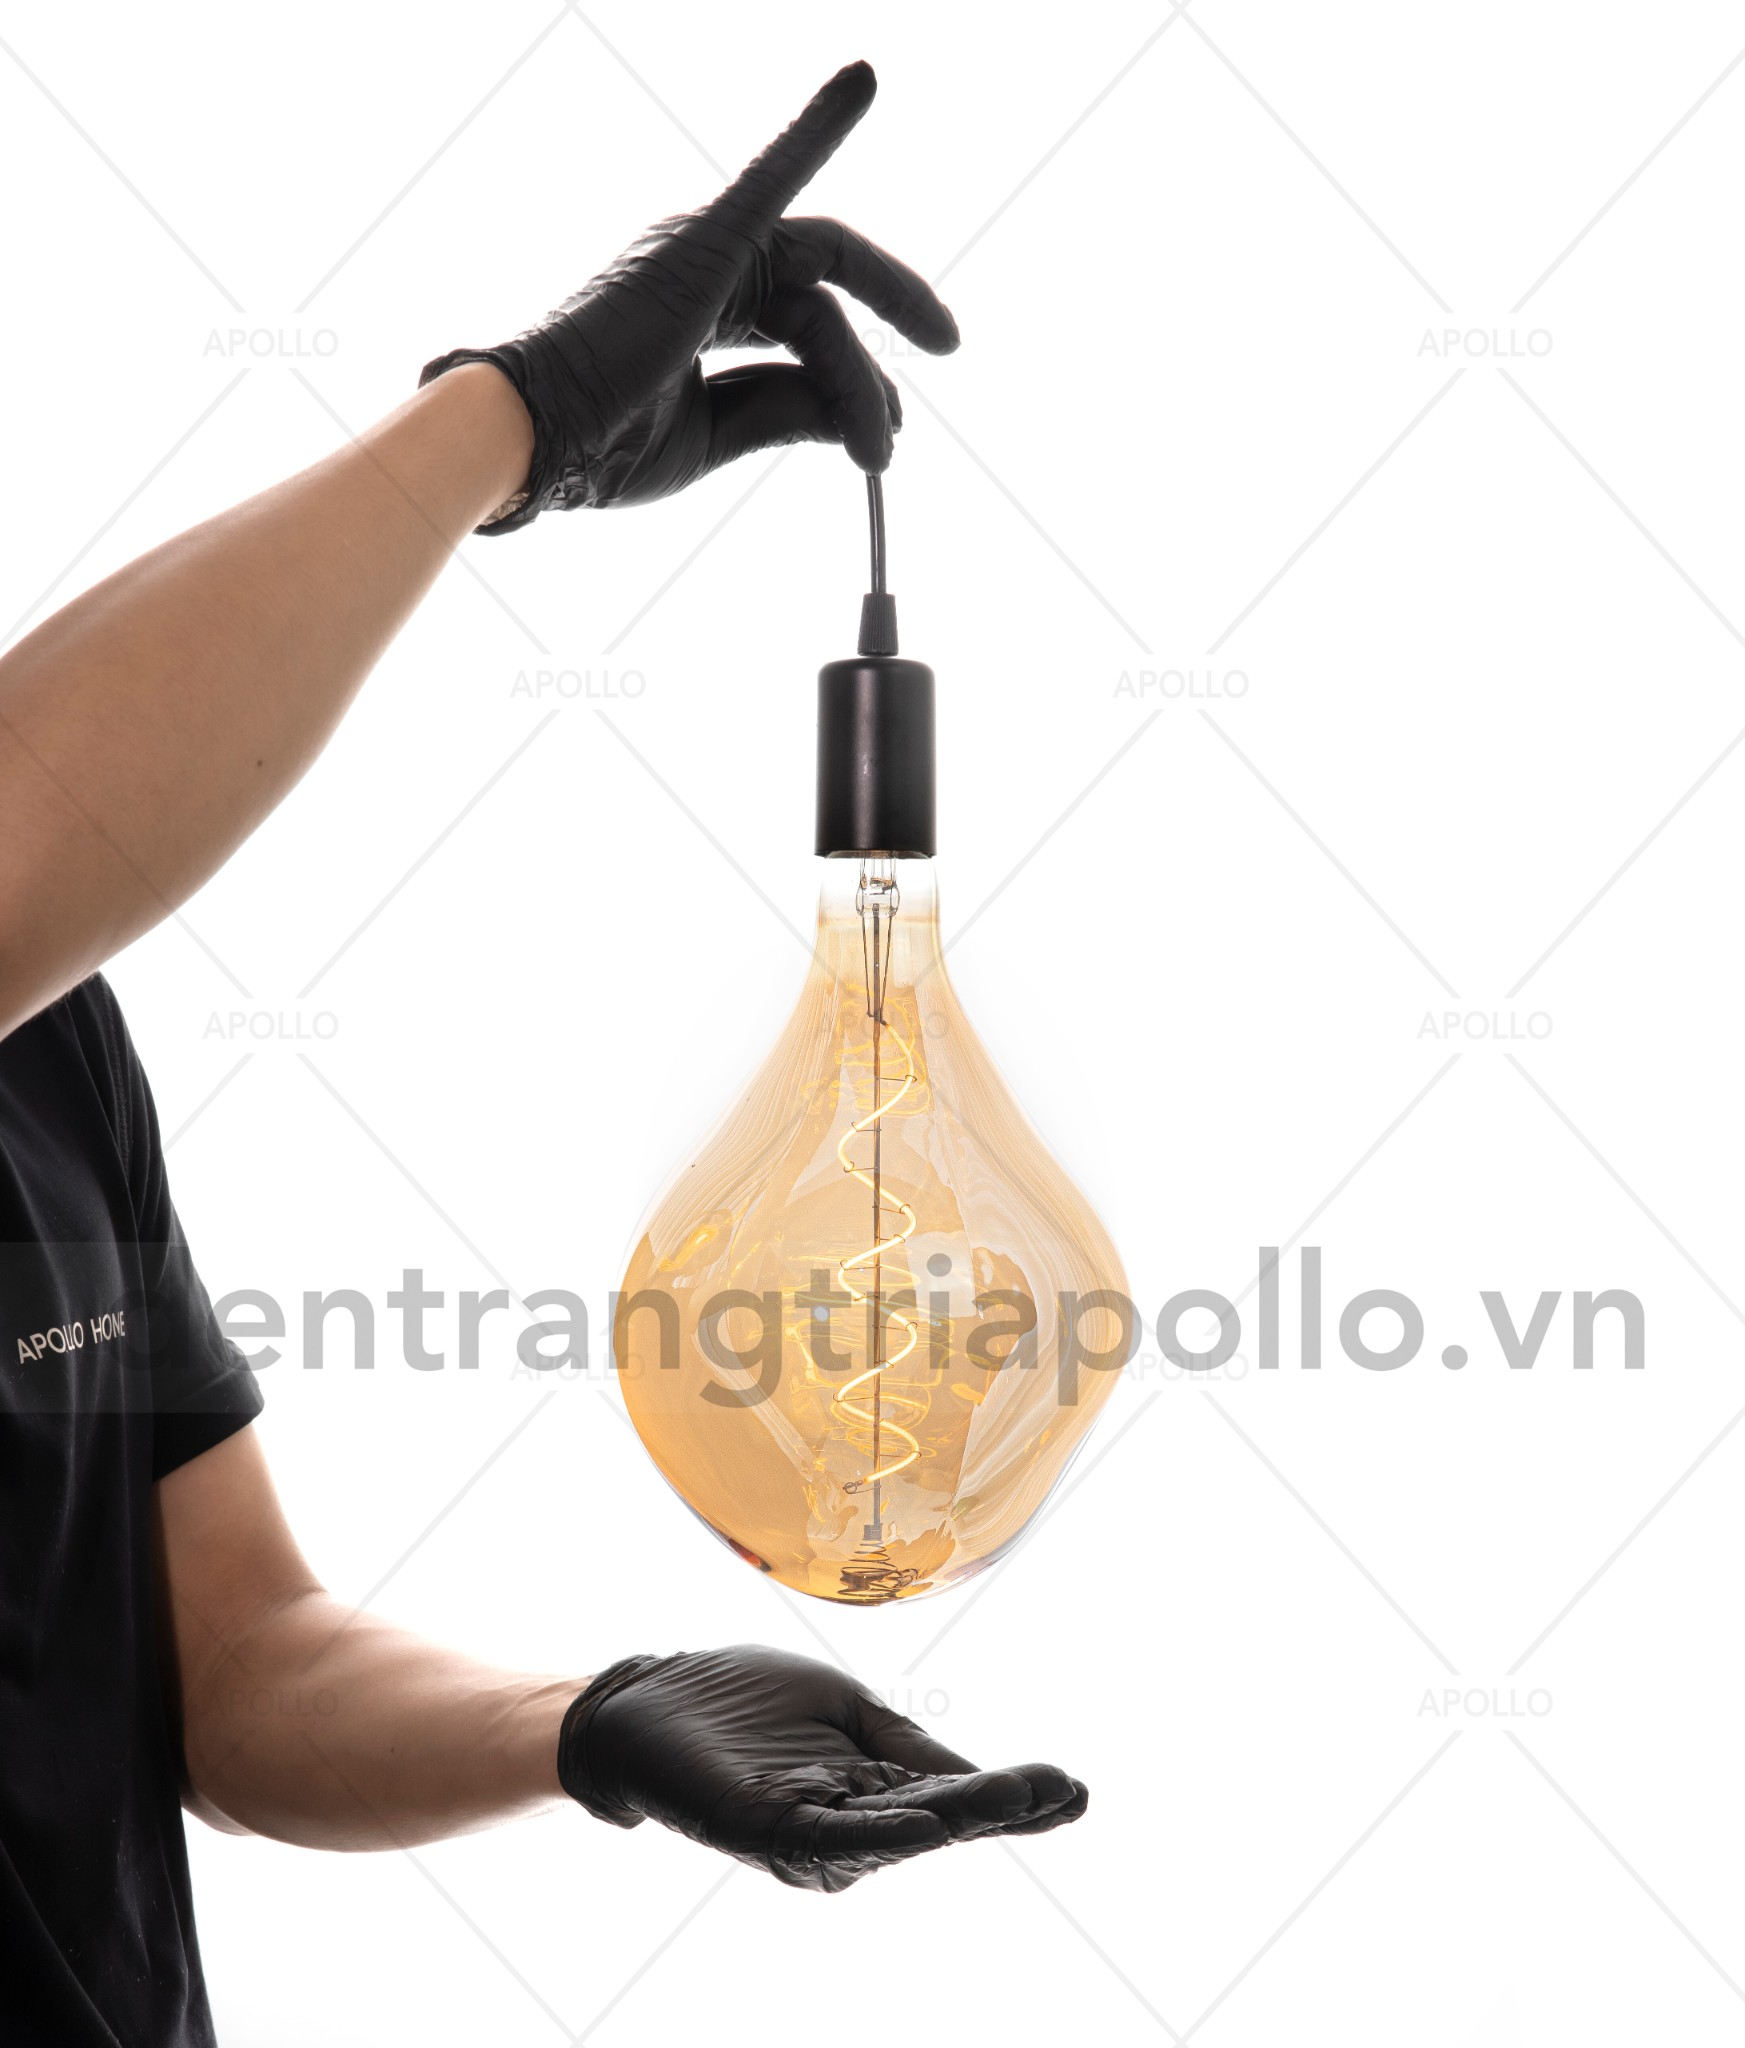 Bóng LED Retro trang trí